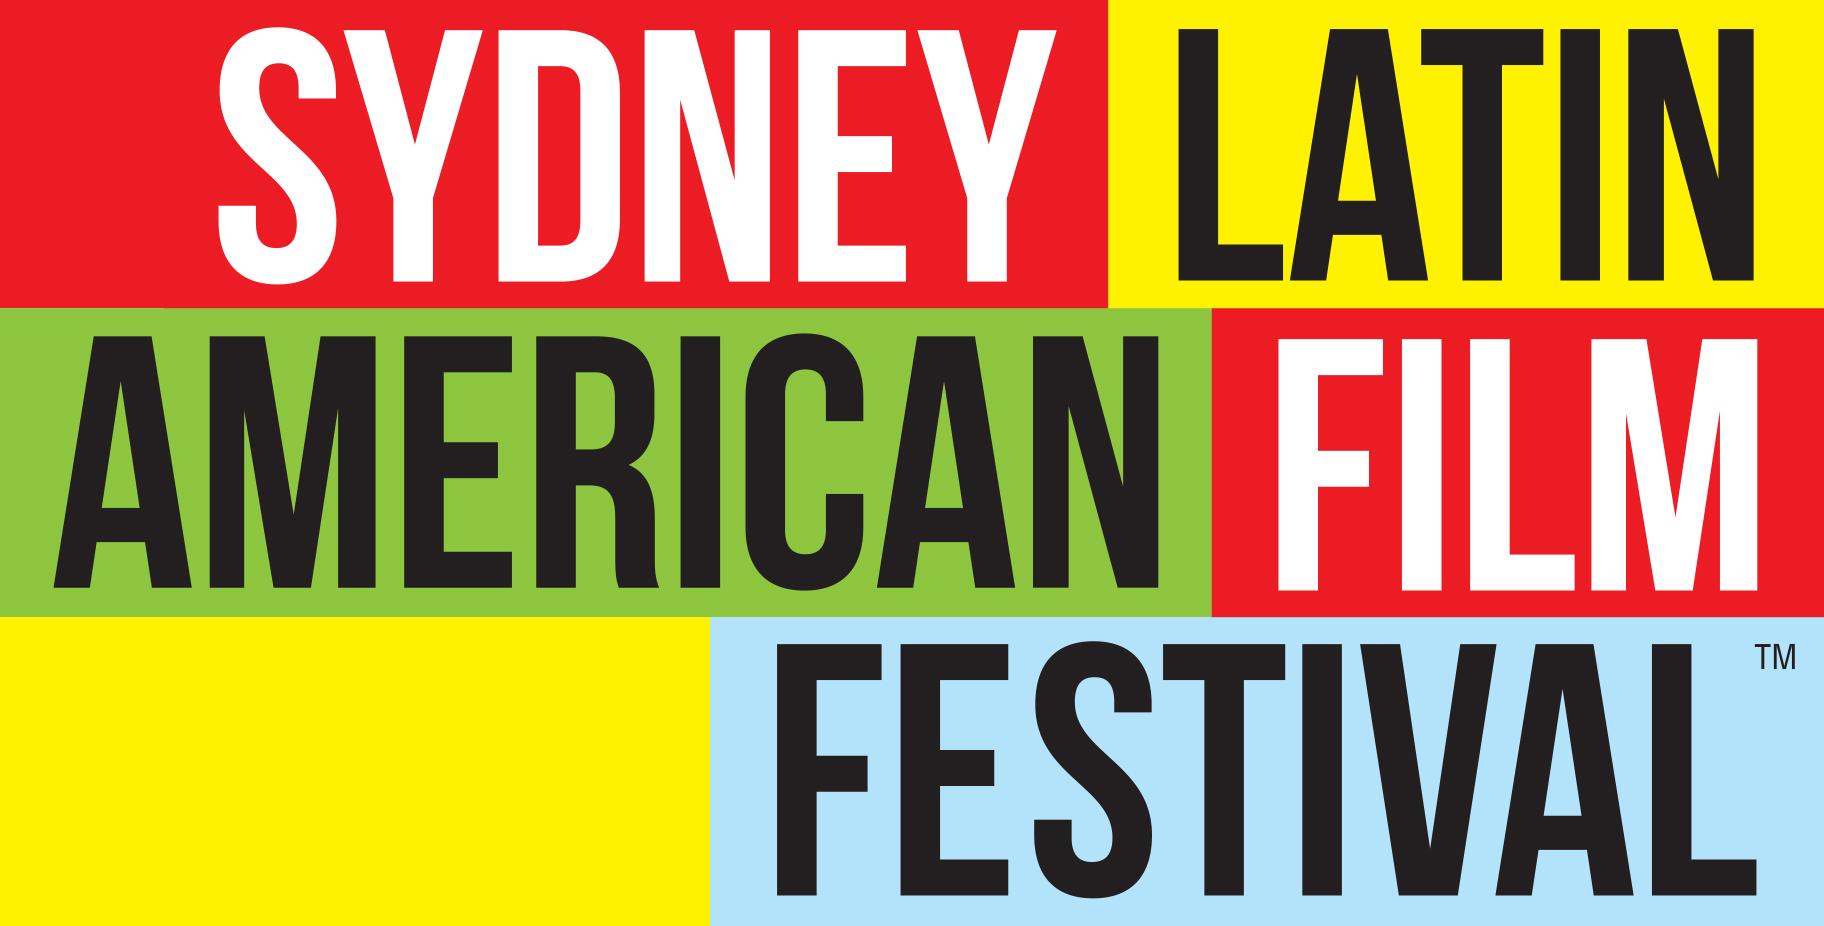 SLAFF - Sydney Latin American Film Festival